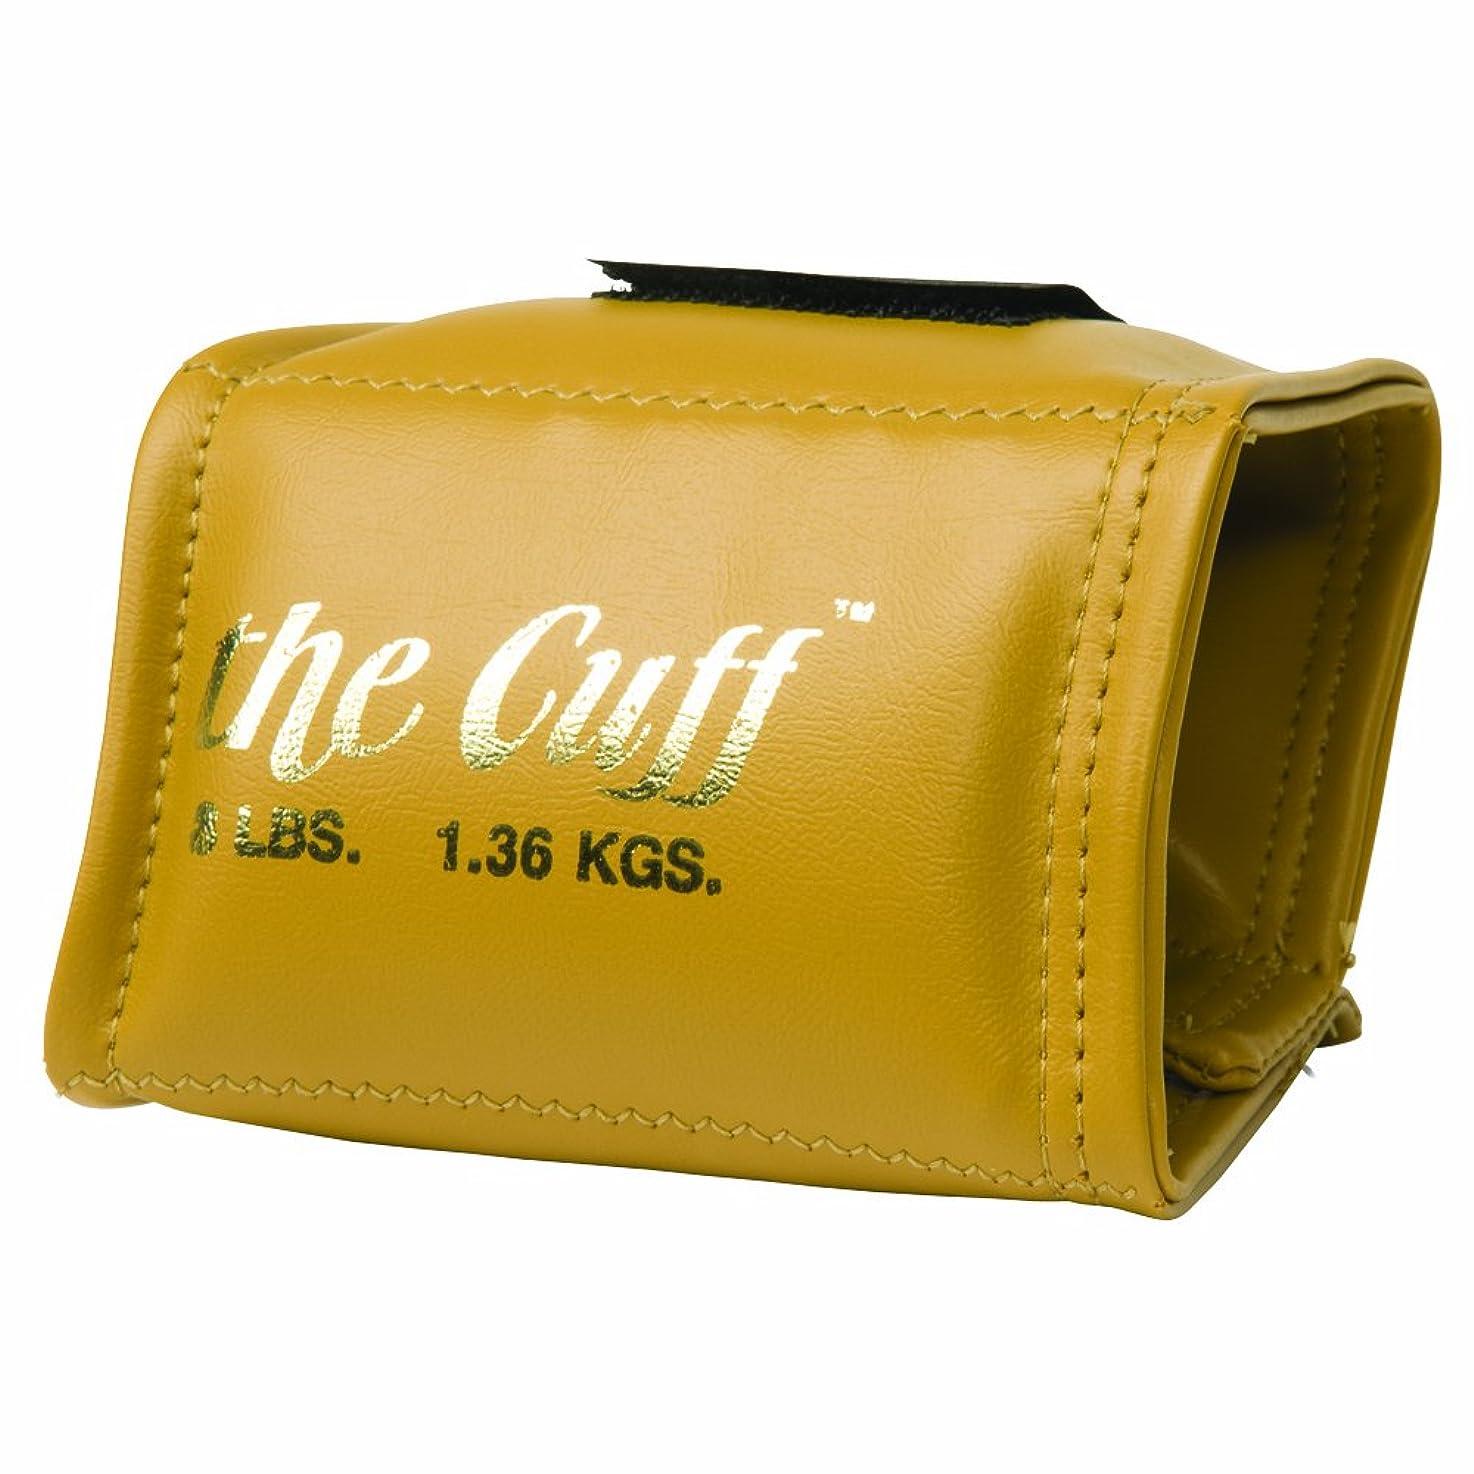 驚水銀の変装Cando 10-0207 Gold Cuff, 3 lbs Weight, For Wrist or Ankle by Cando